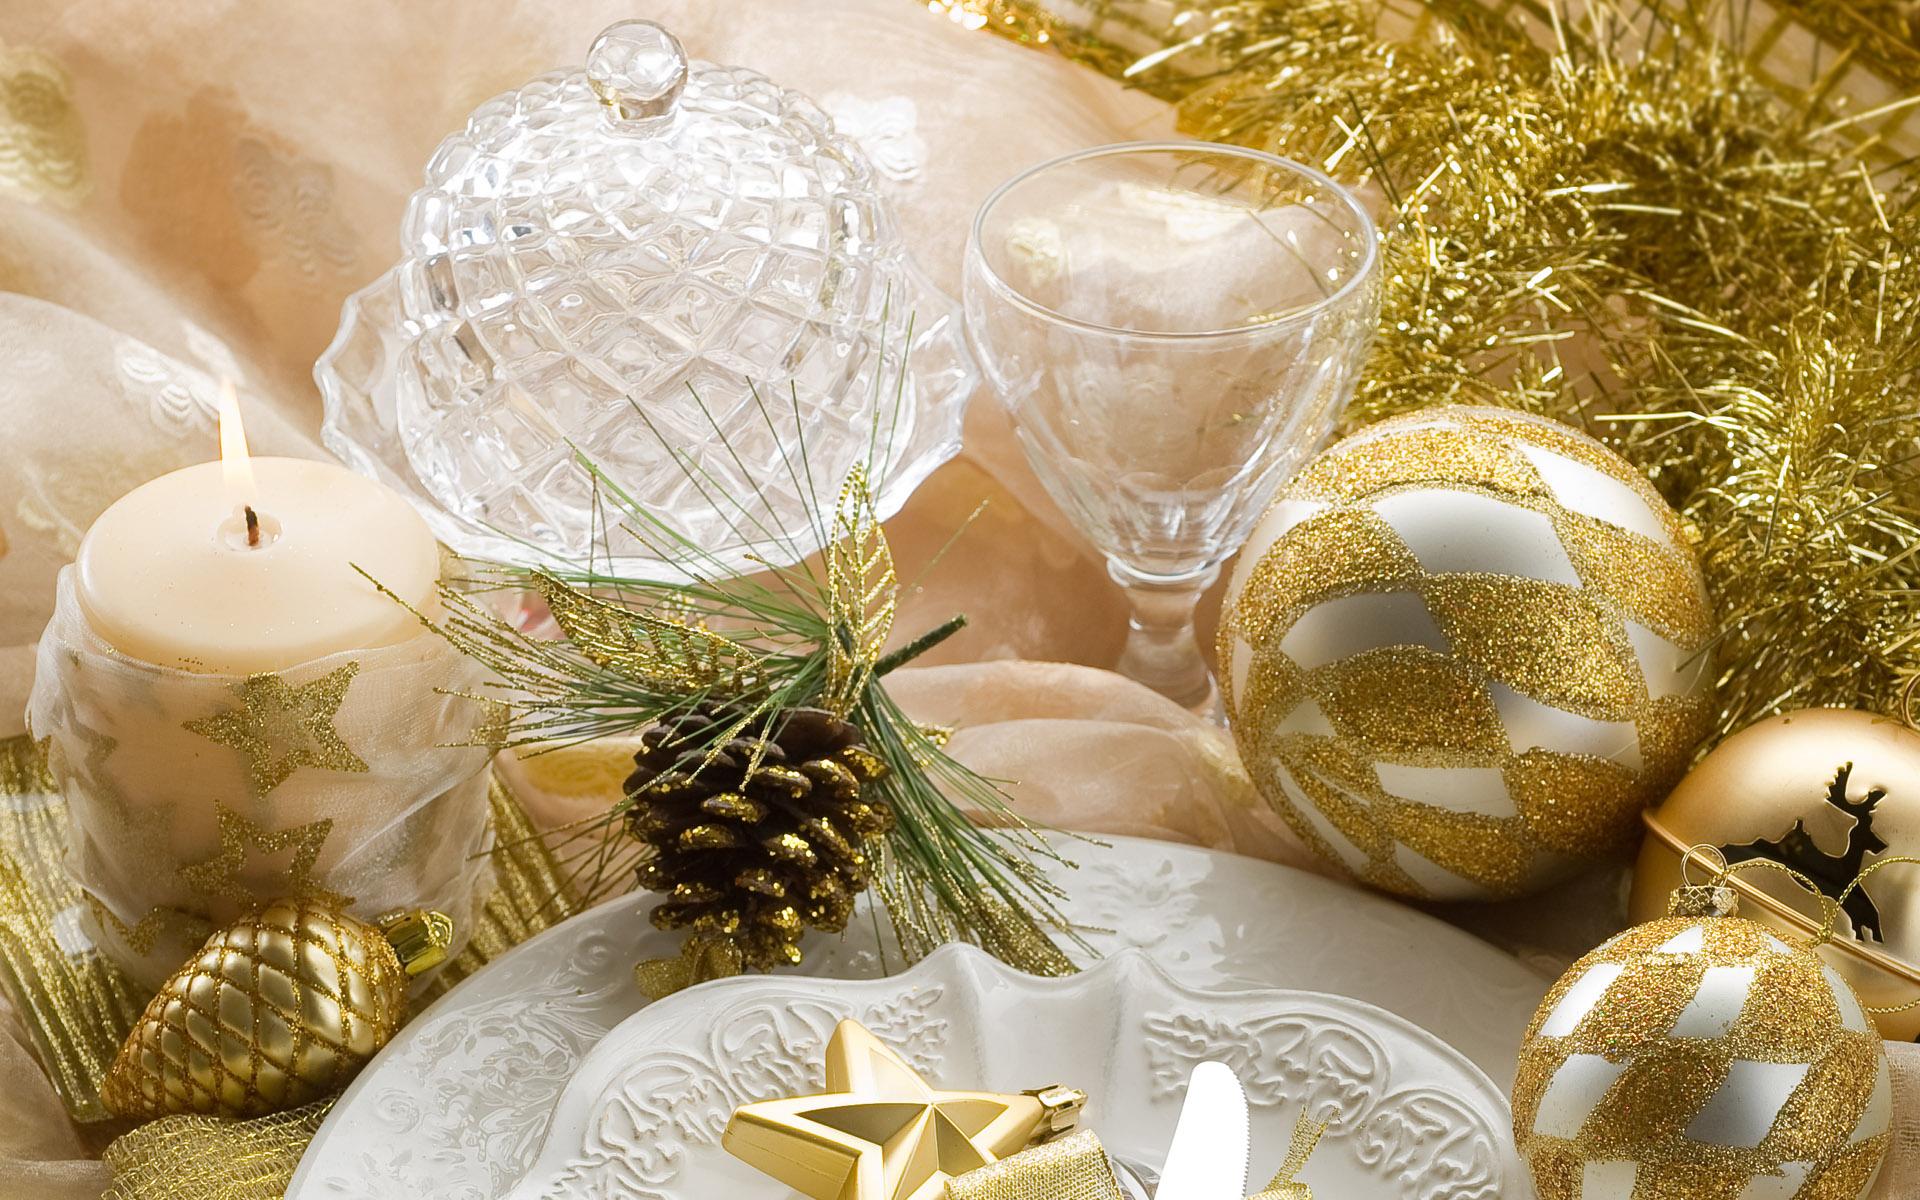 Decoración para navidad - 1920x1200